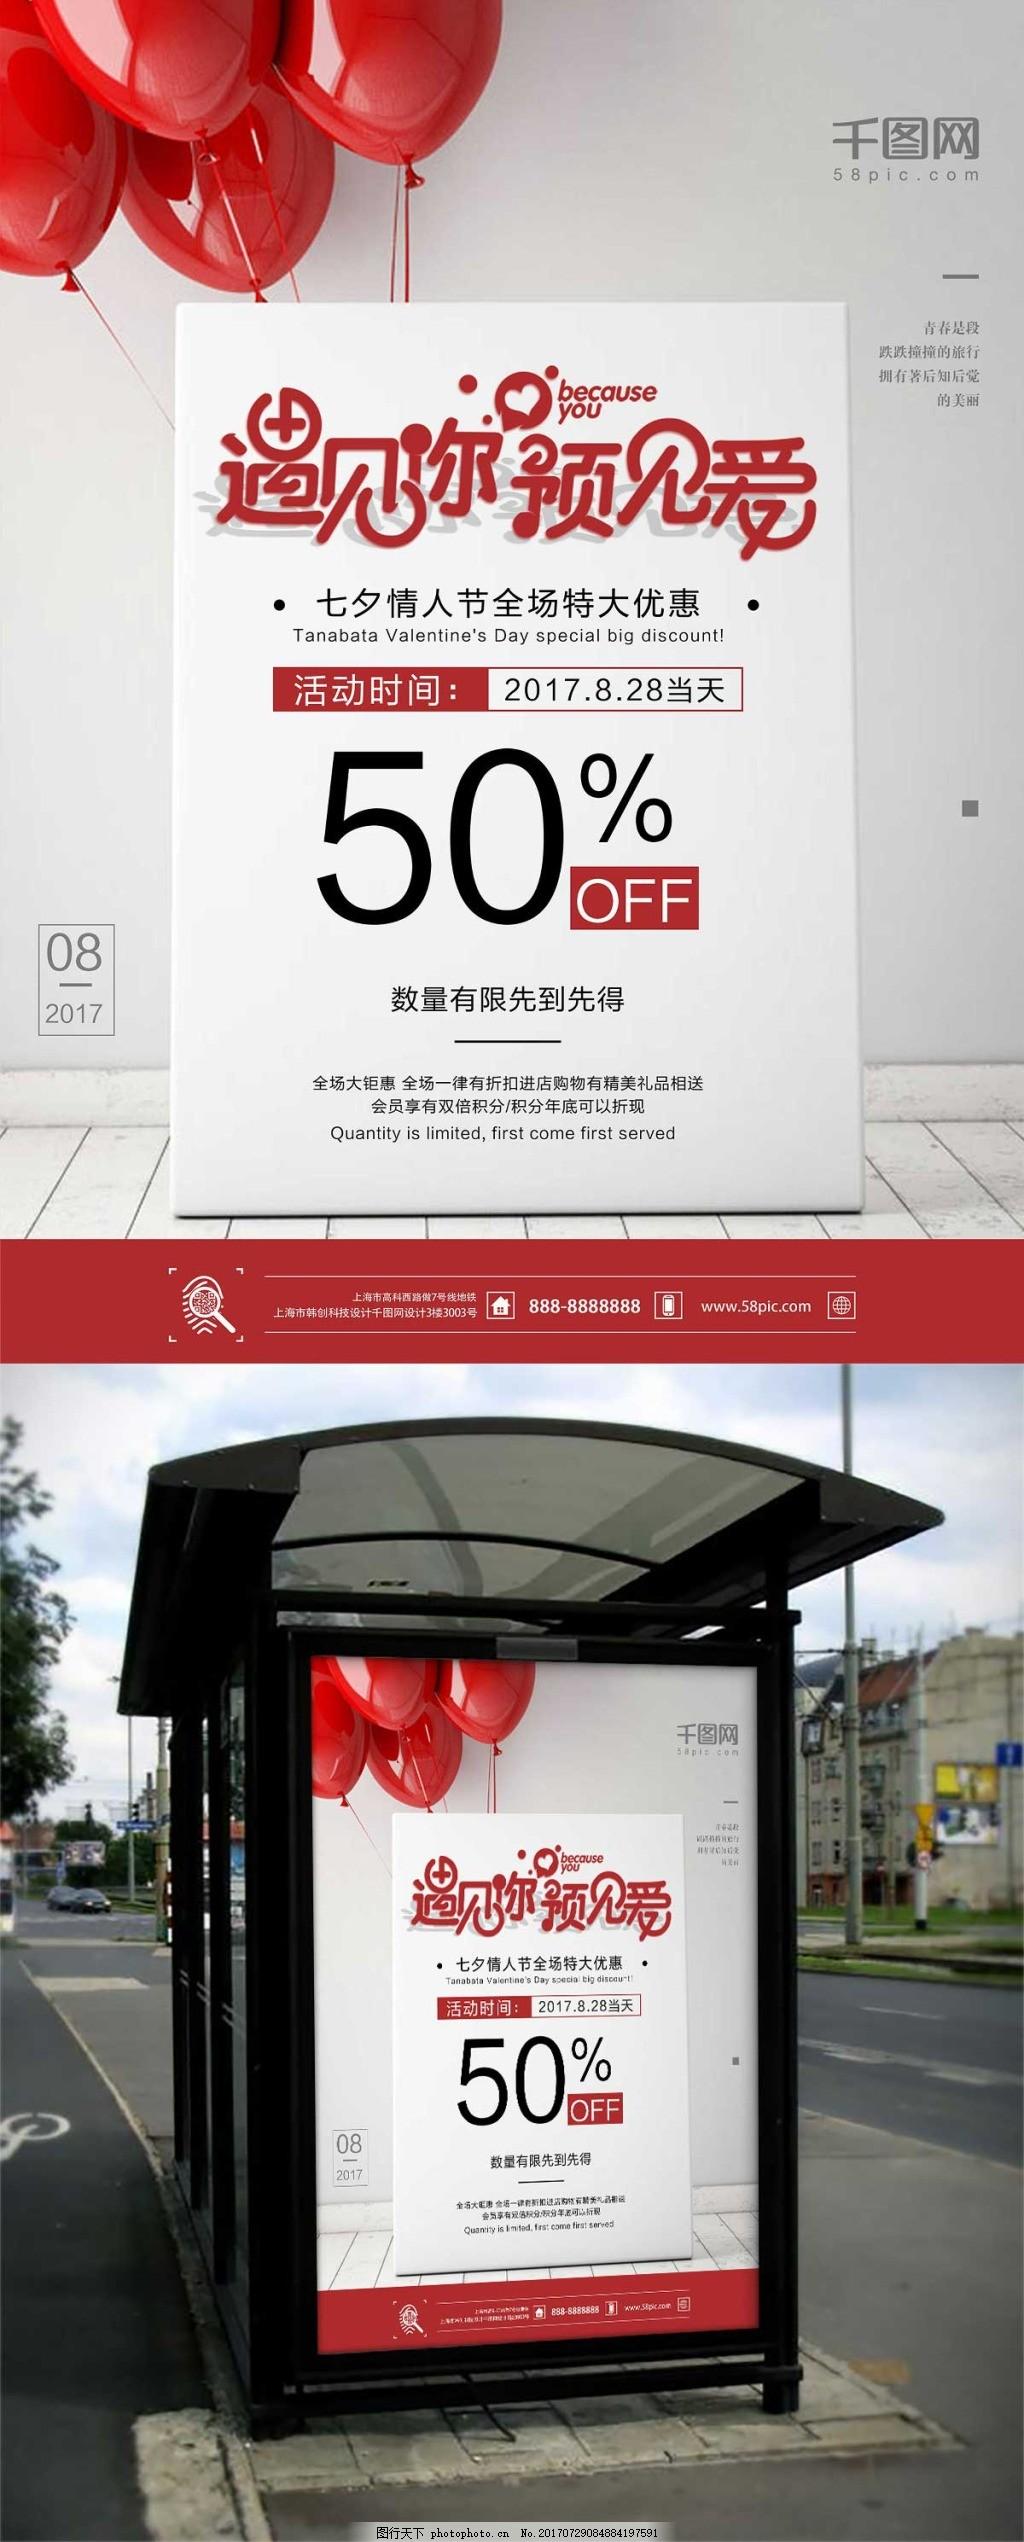 七夕宣传海报七夕促销海报小清新 气球 爱情海报 情人节海报 红色